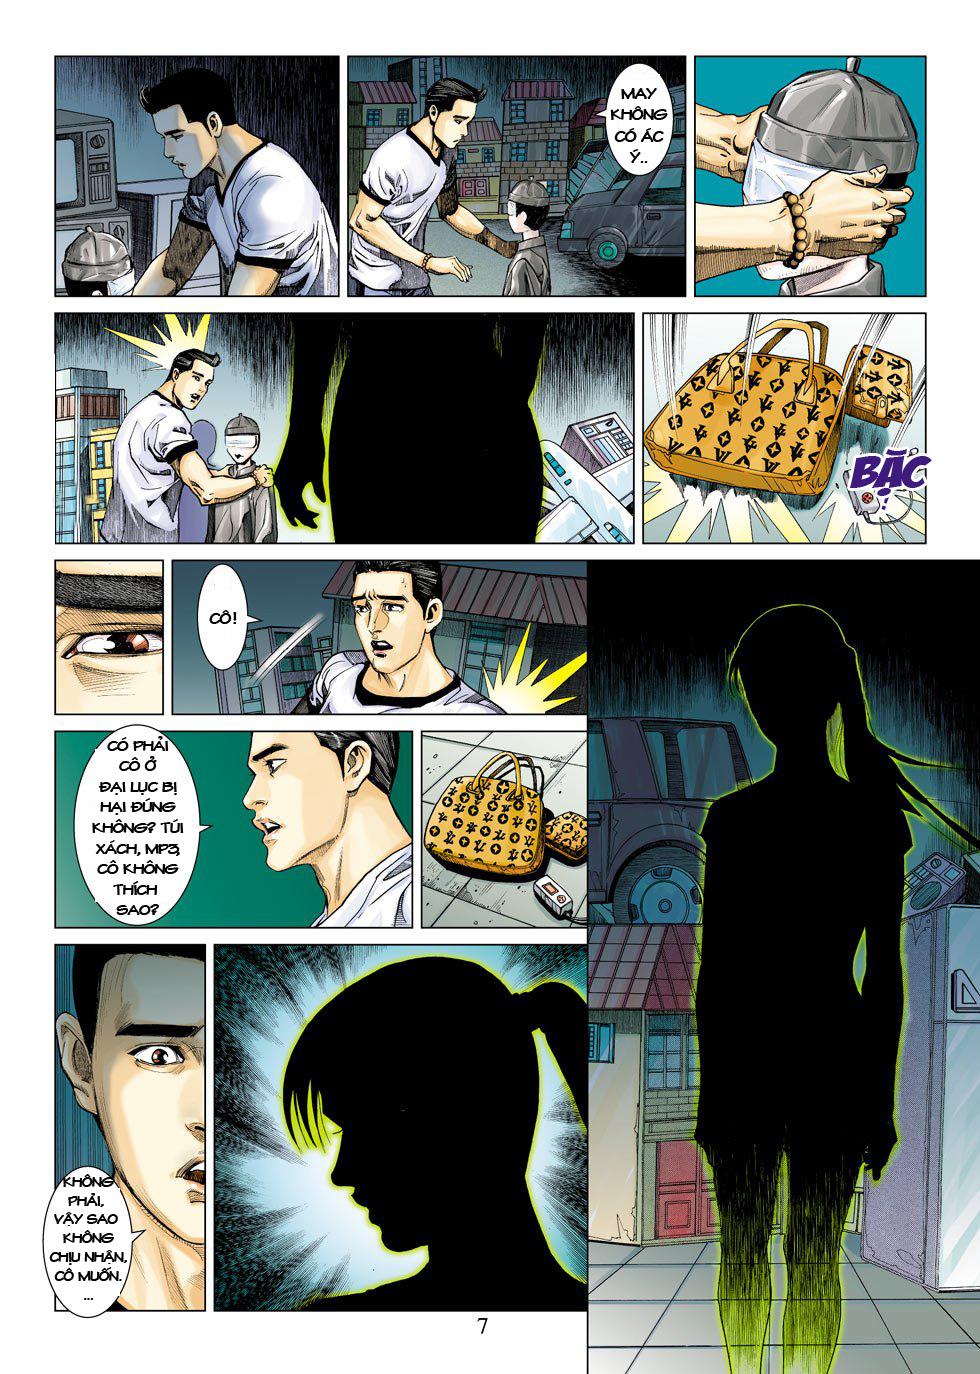 Âm Dương Lộ chap 18 - Trang 6